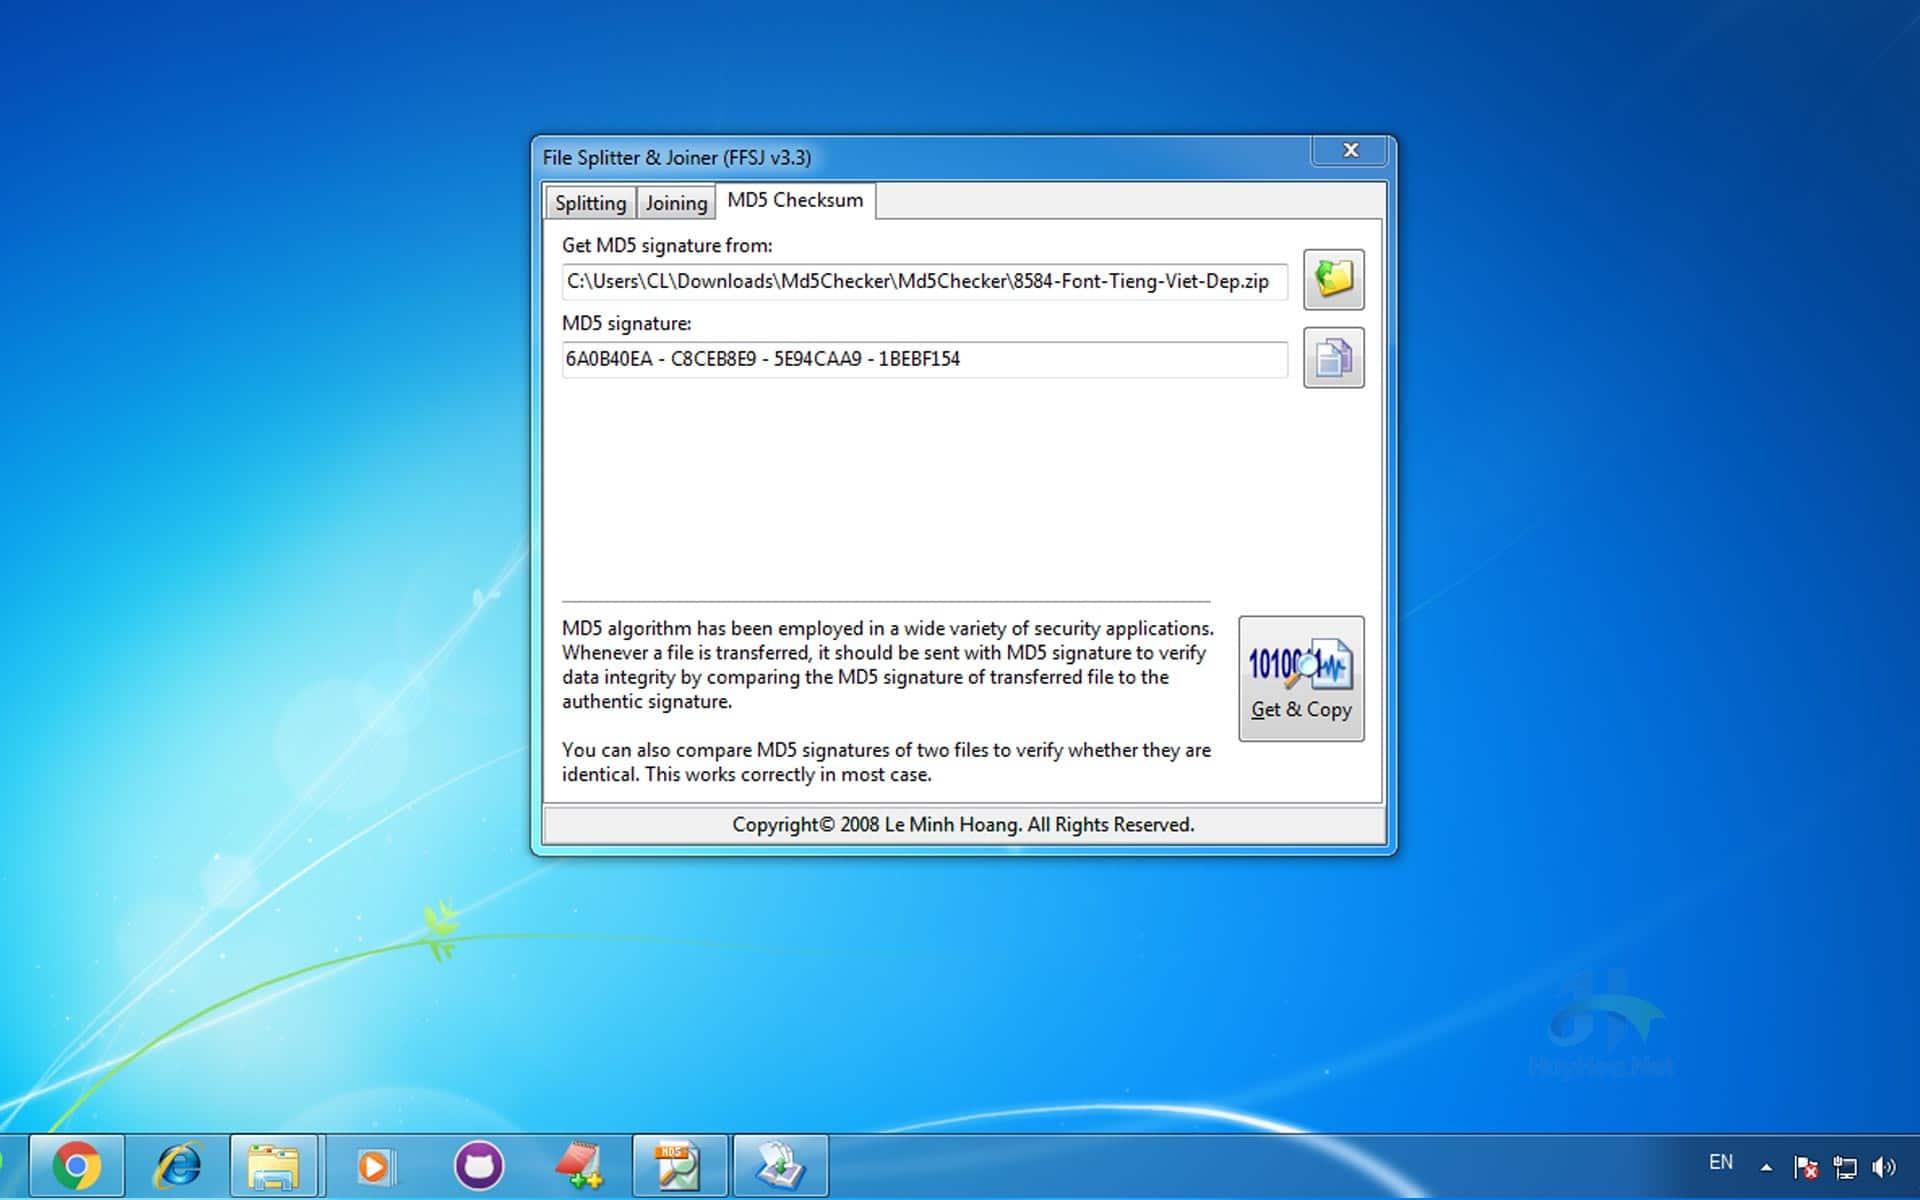 Hướng dẫn check MD5 bằng phần mềm FFSJ